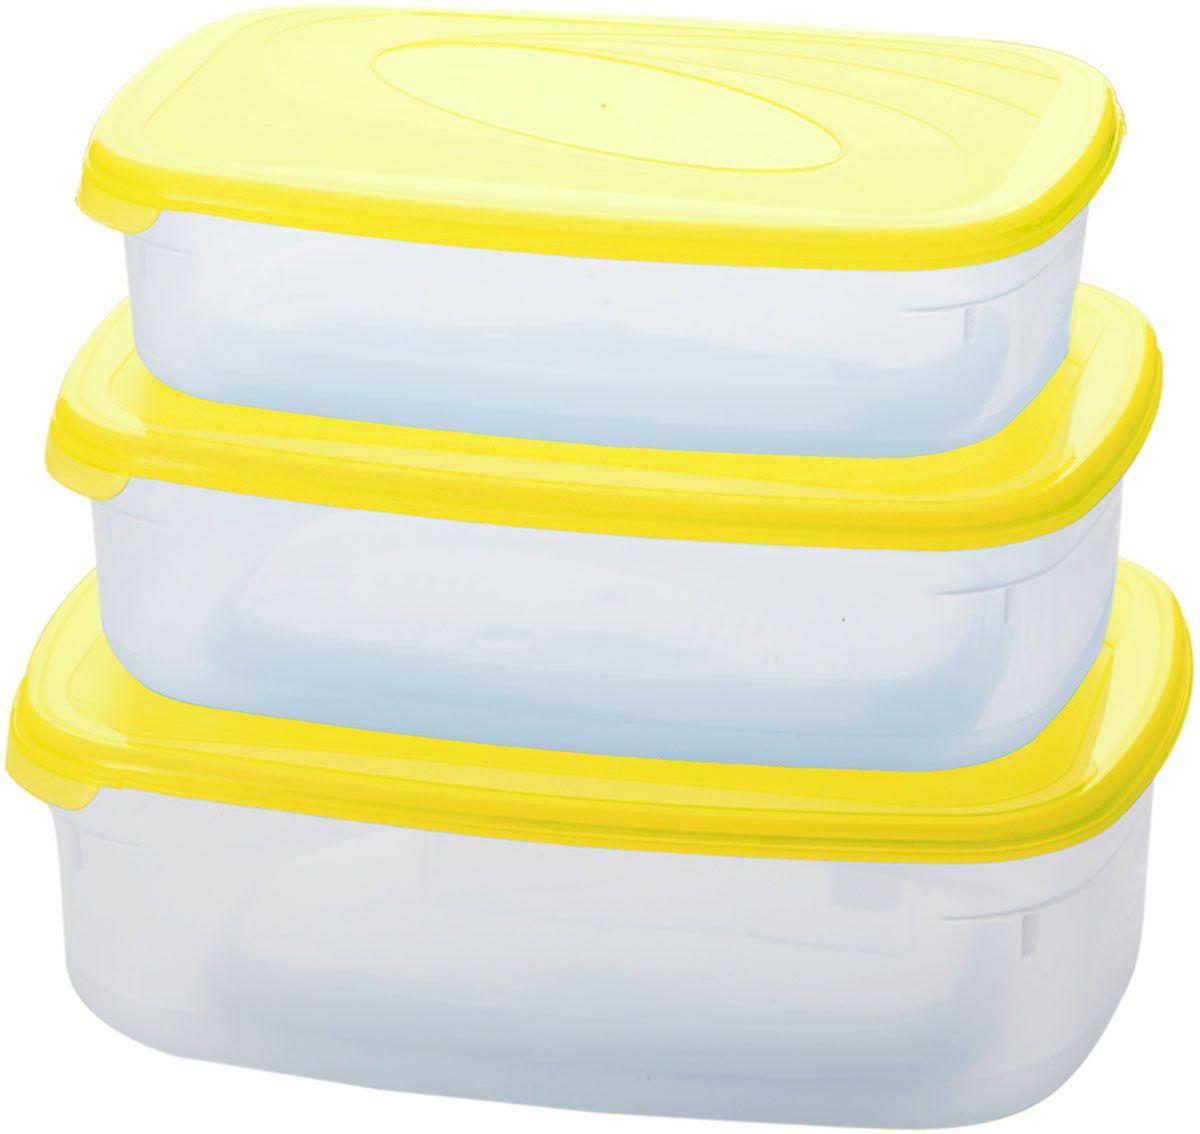 Комплект емкостей для СВЧ Plastic Centre Galaxy, цвет: желтый, прозрачный, 3 шт. ПЦ2234ЛМН комплект емкостей для свч plastic centre galaxy цвет светло зеленый прозрачный 5 шт